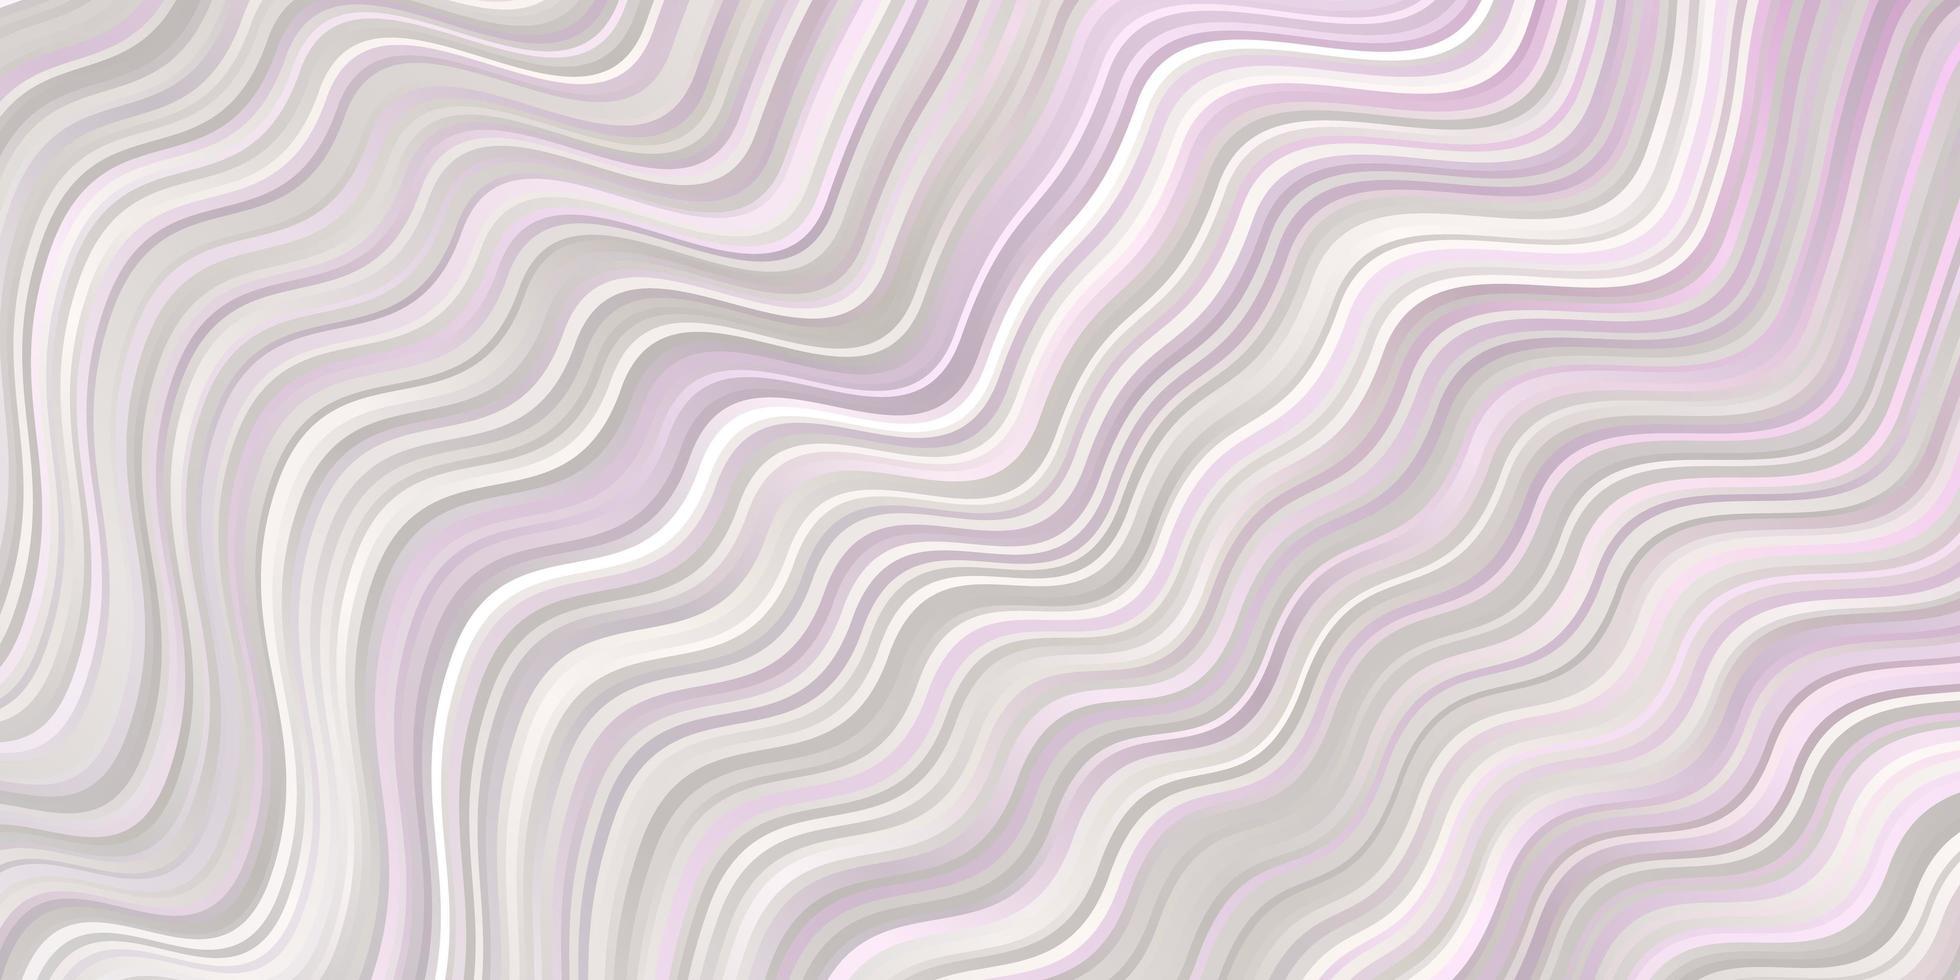 ljusrosa layout med vågor vektor